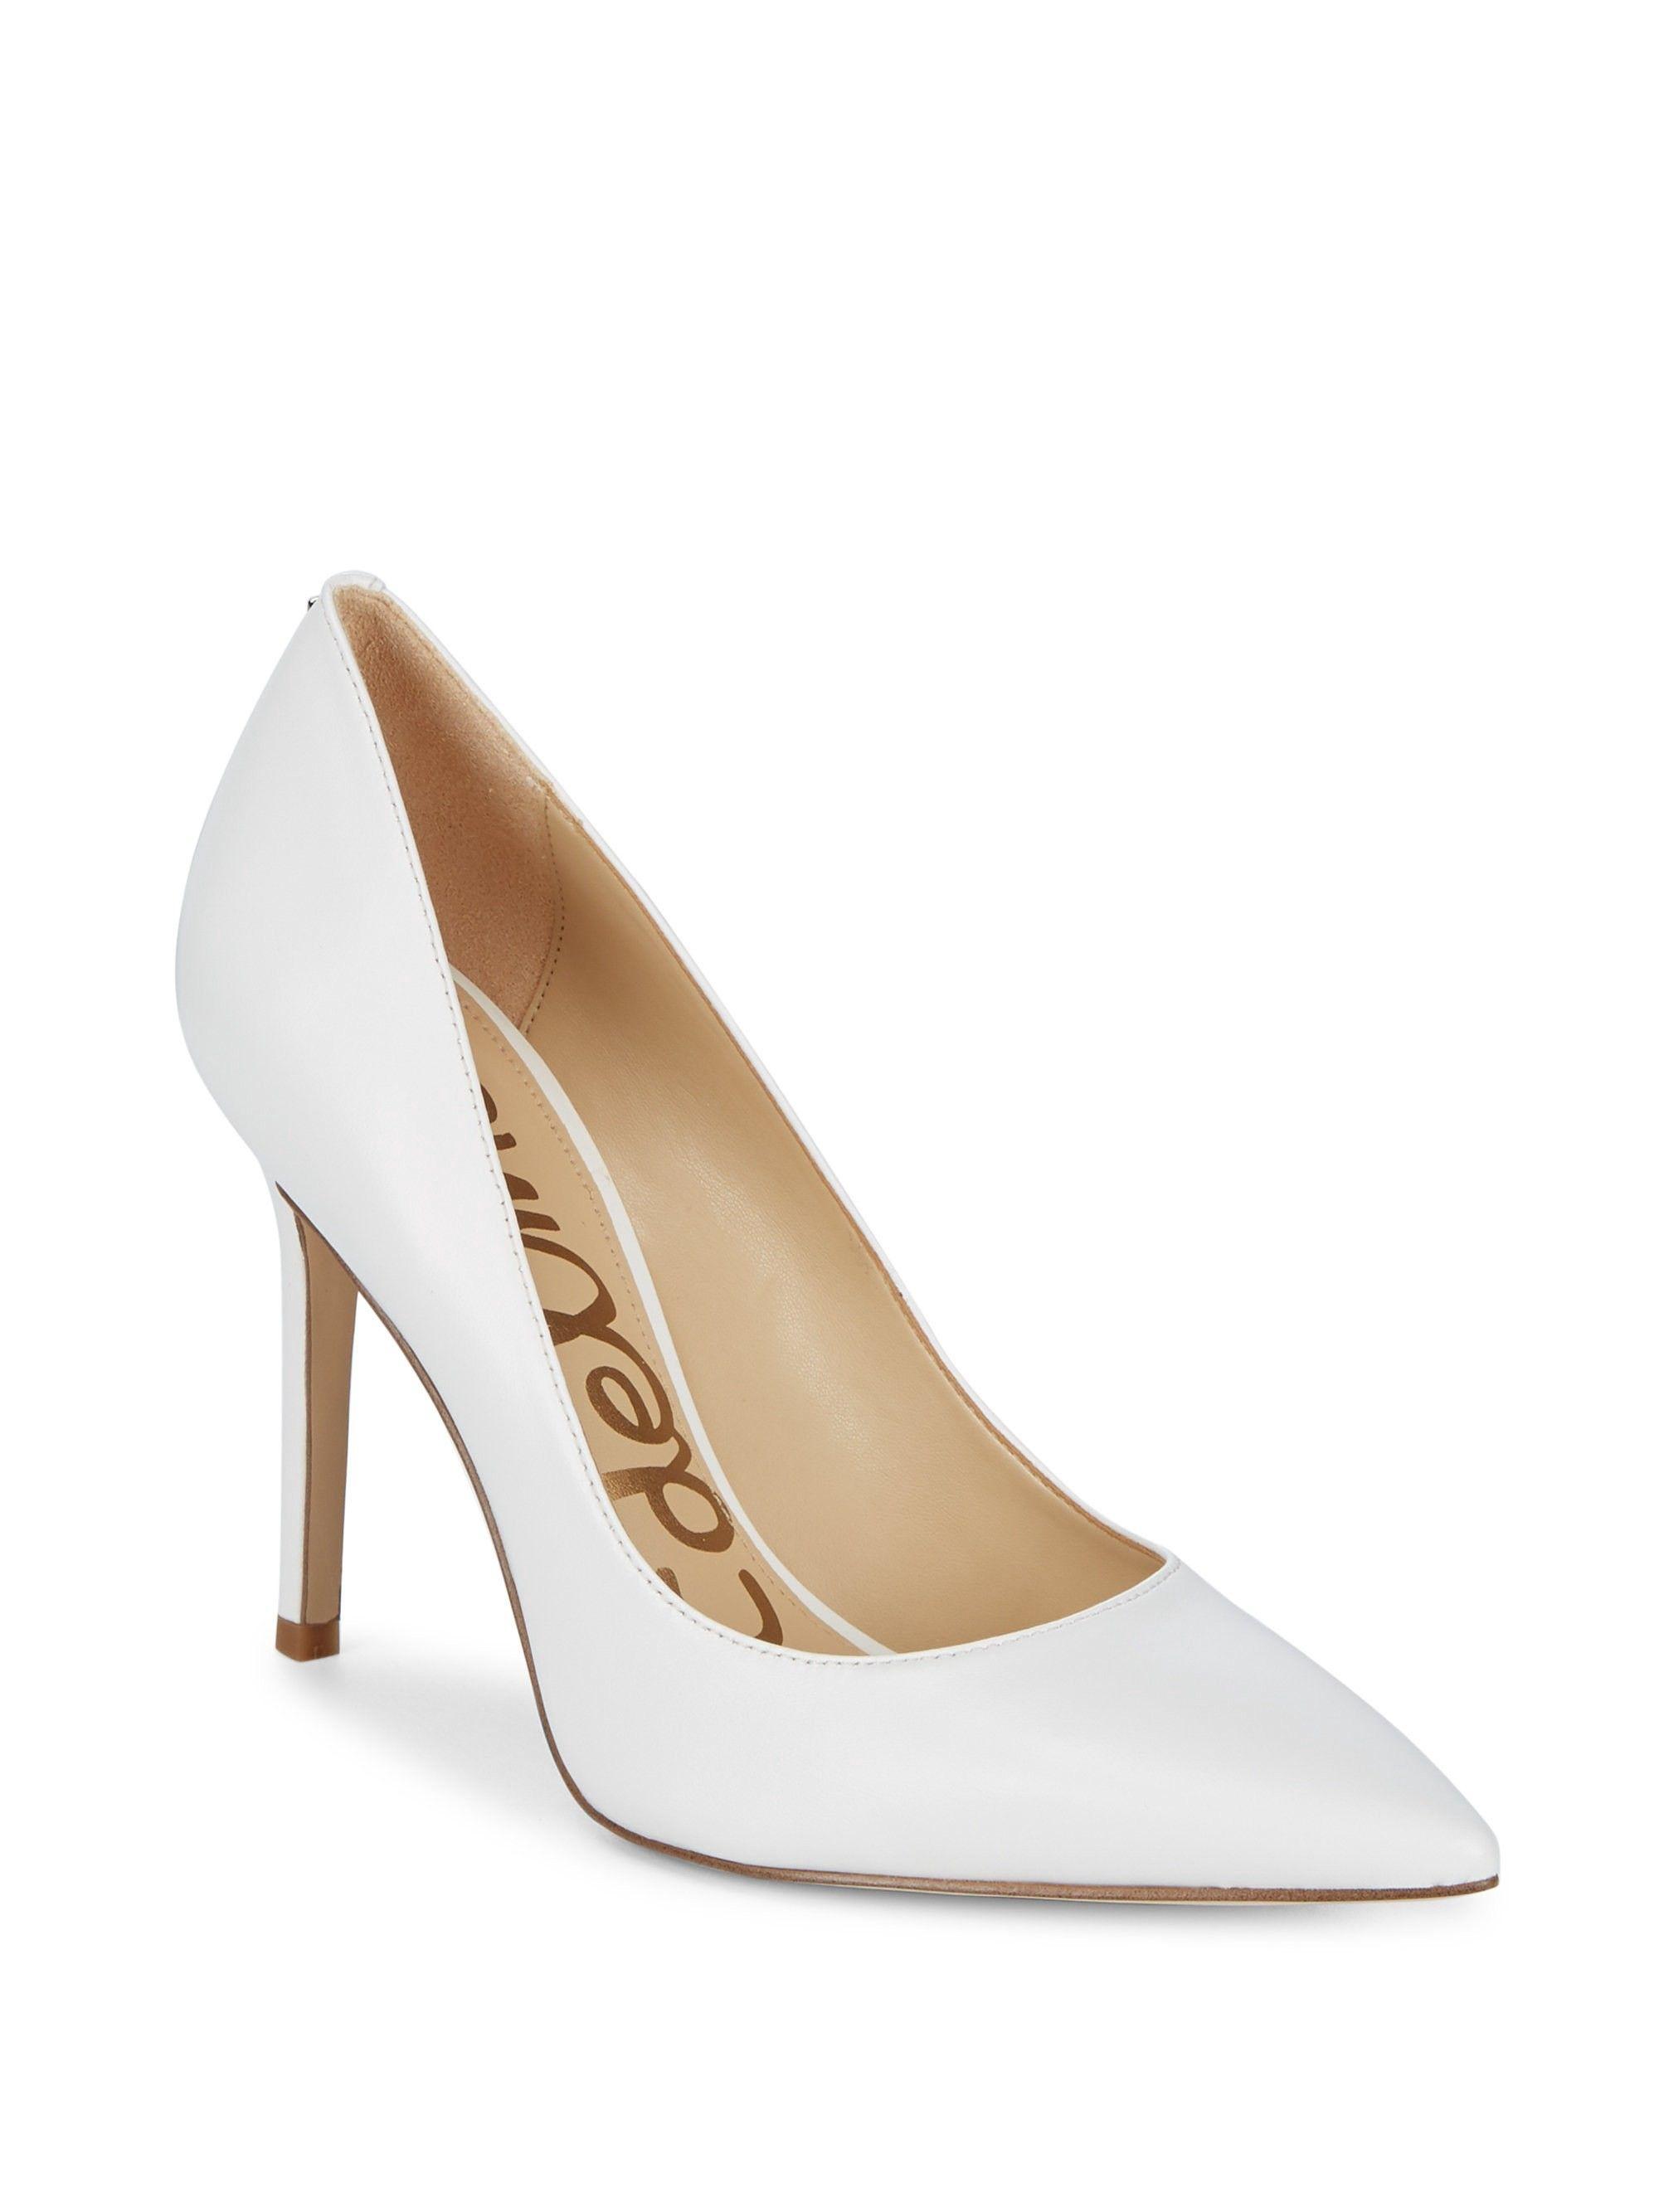 a05f8e57e Sam Edelman Hazel Leather Pumps - Bright White 38.5 (8.5)